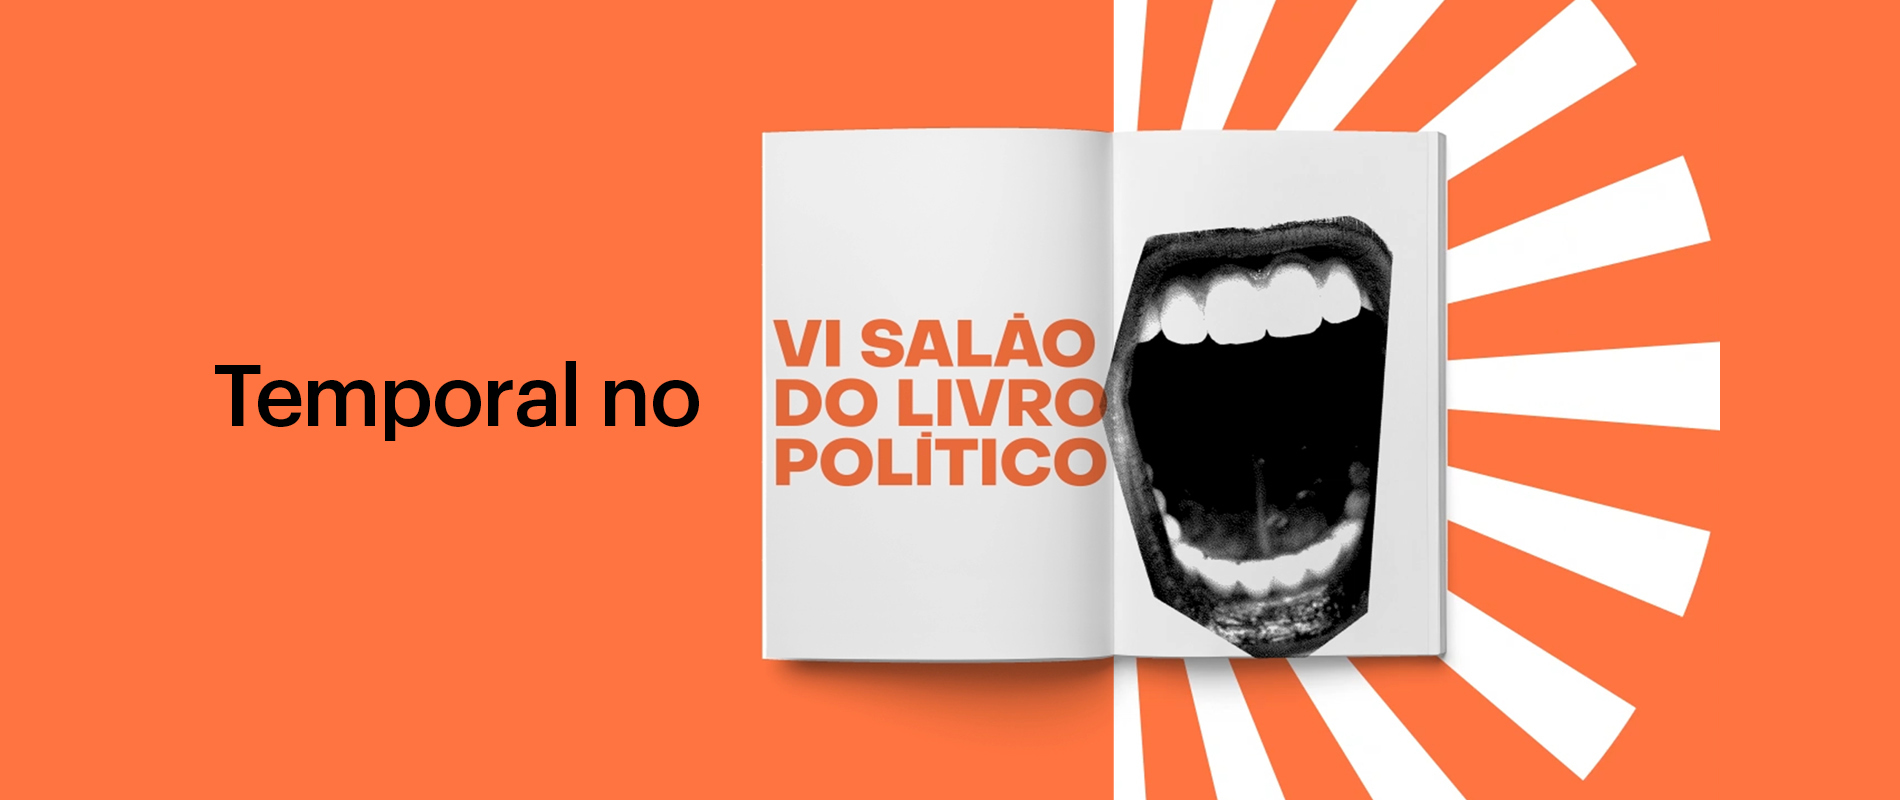 VI Salão do Livro Político